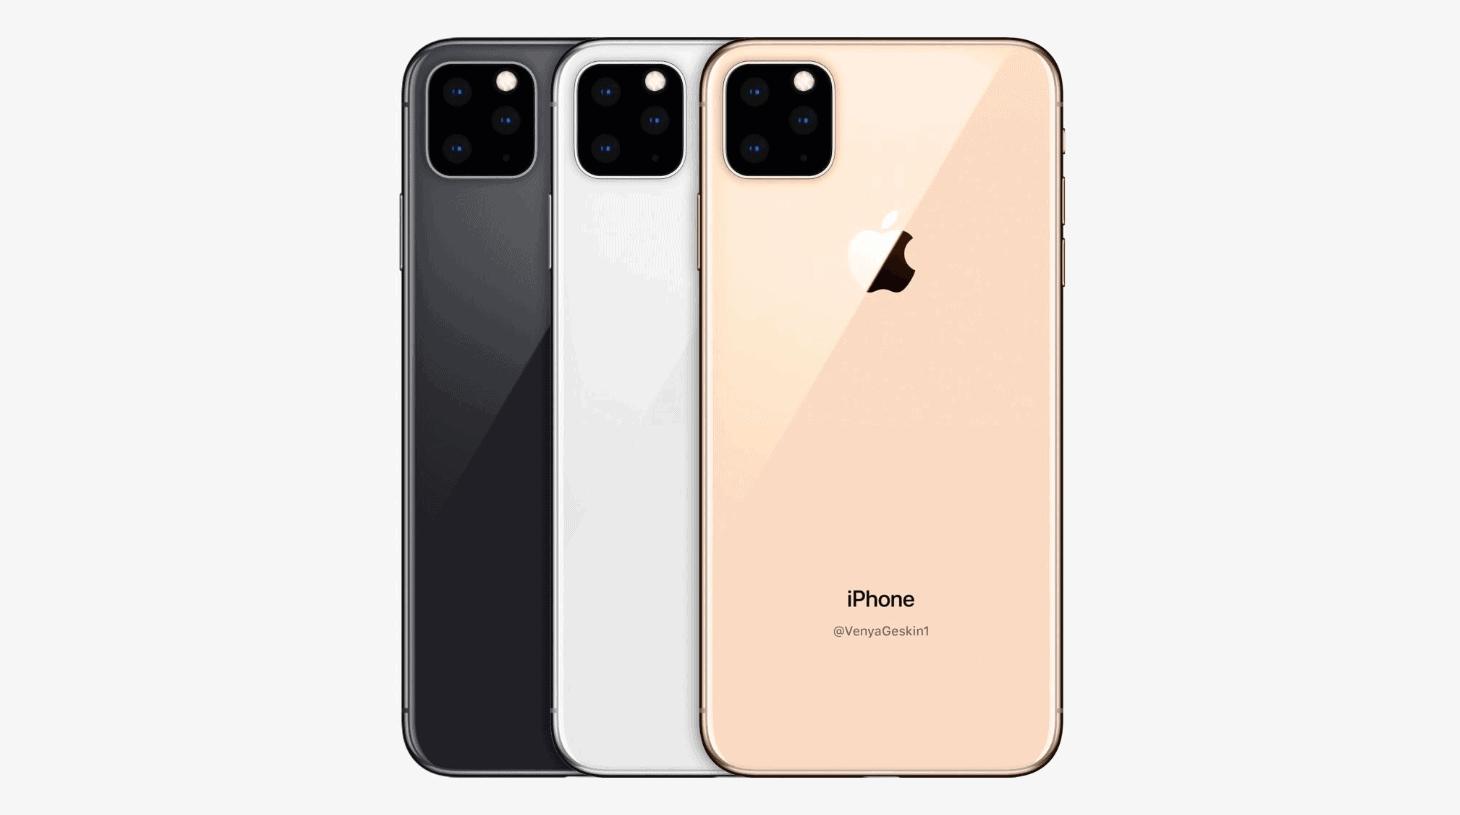 아이폰11 예상 렌더링 ⓒ 폰 아레나 / 갓잇코리아